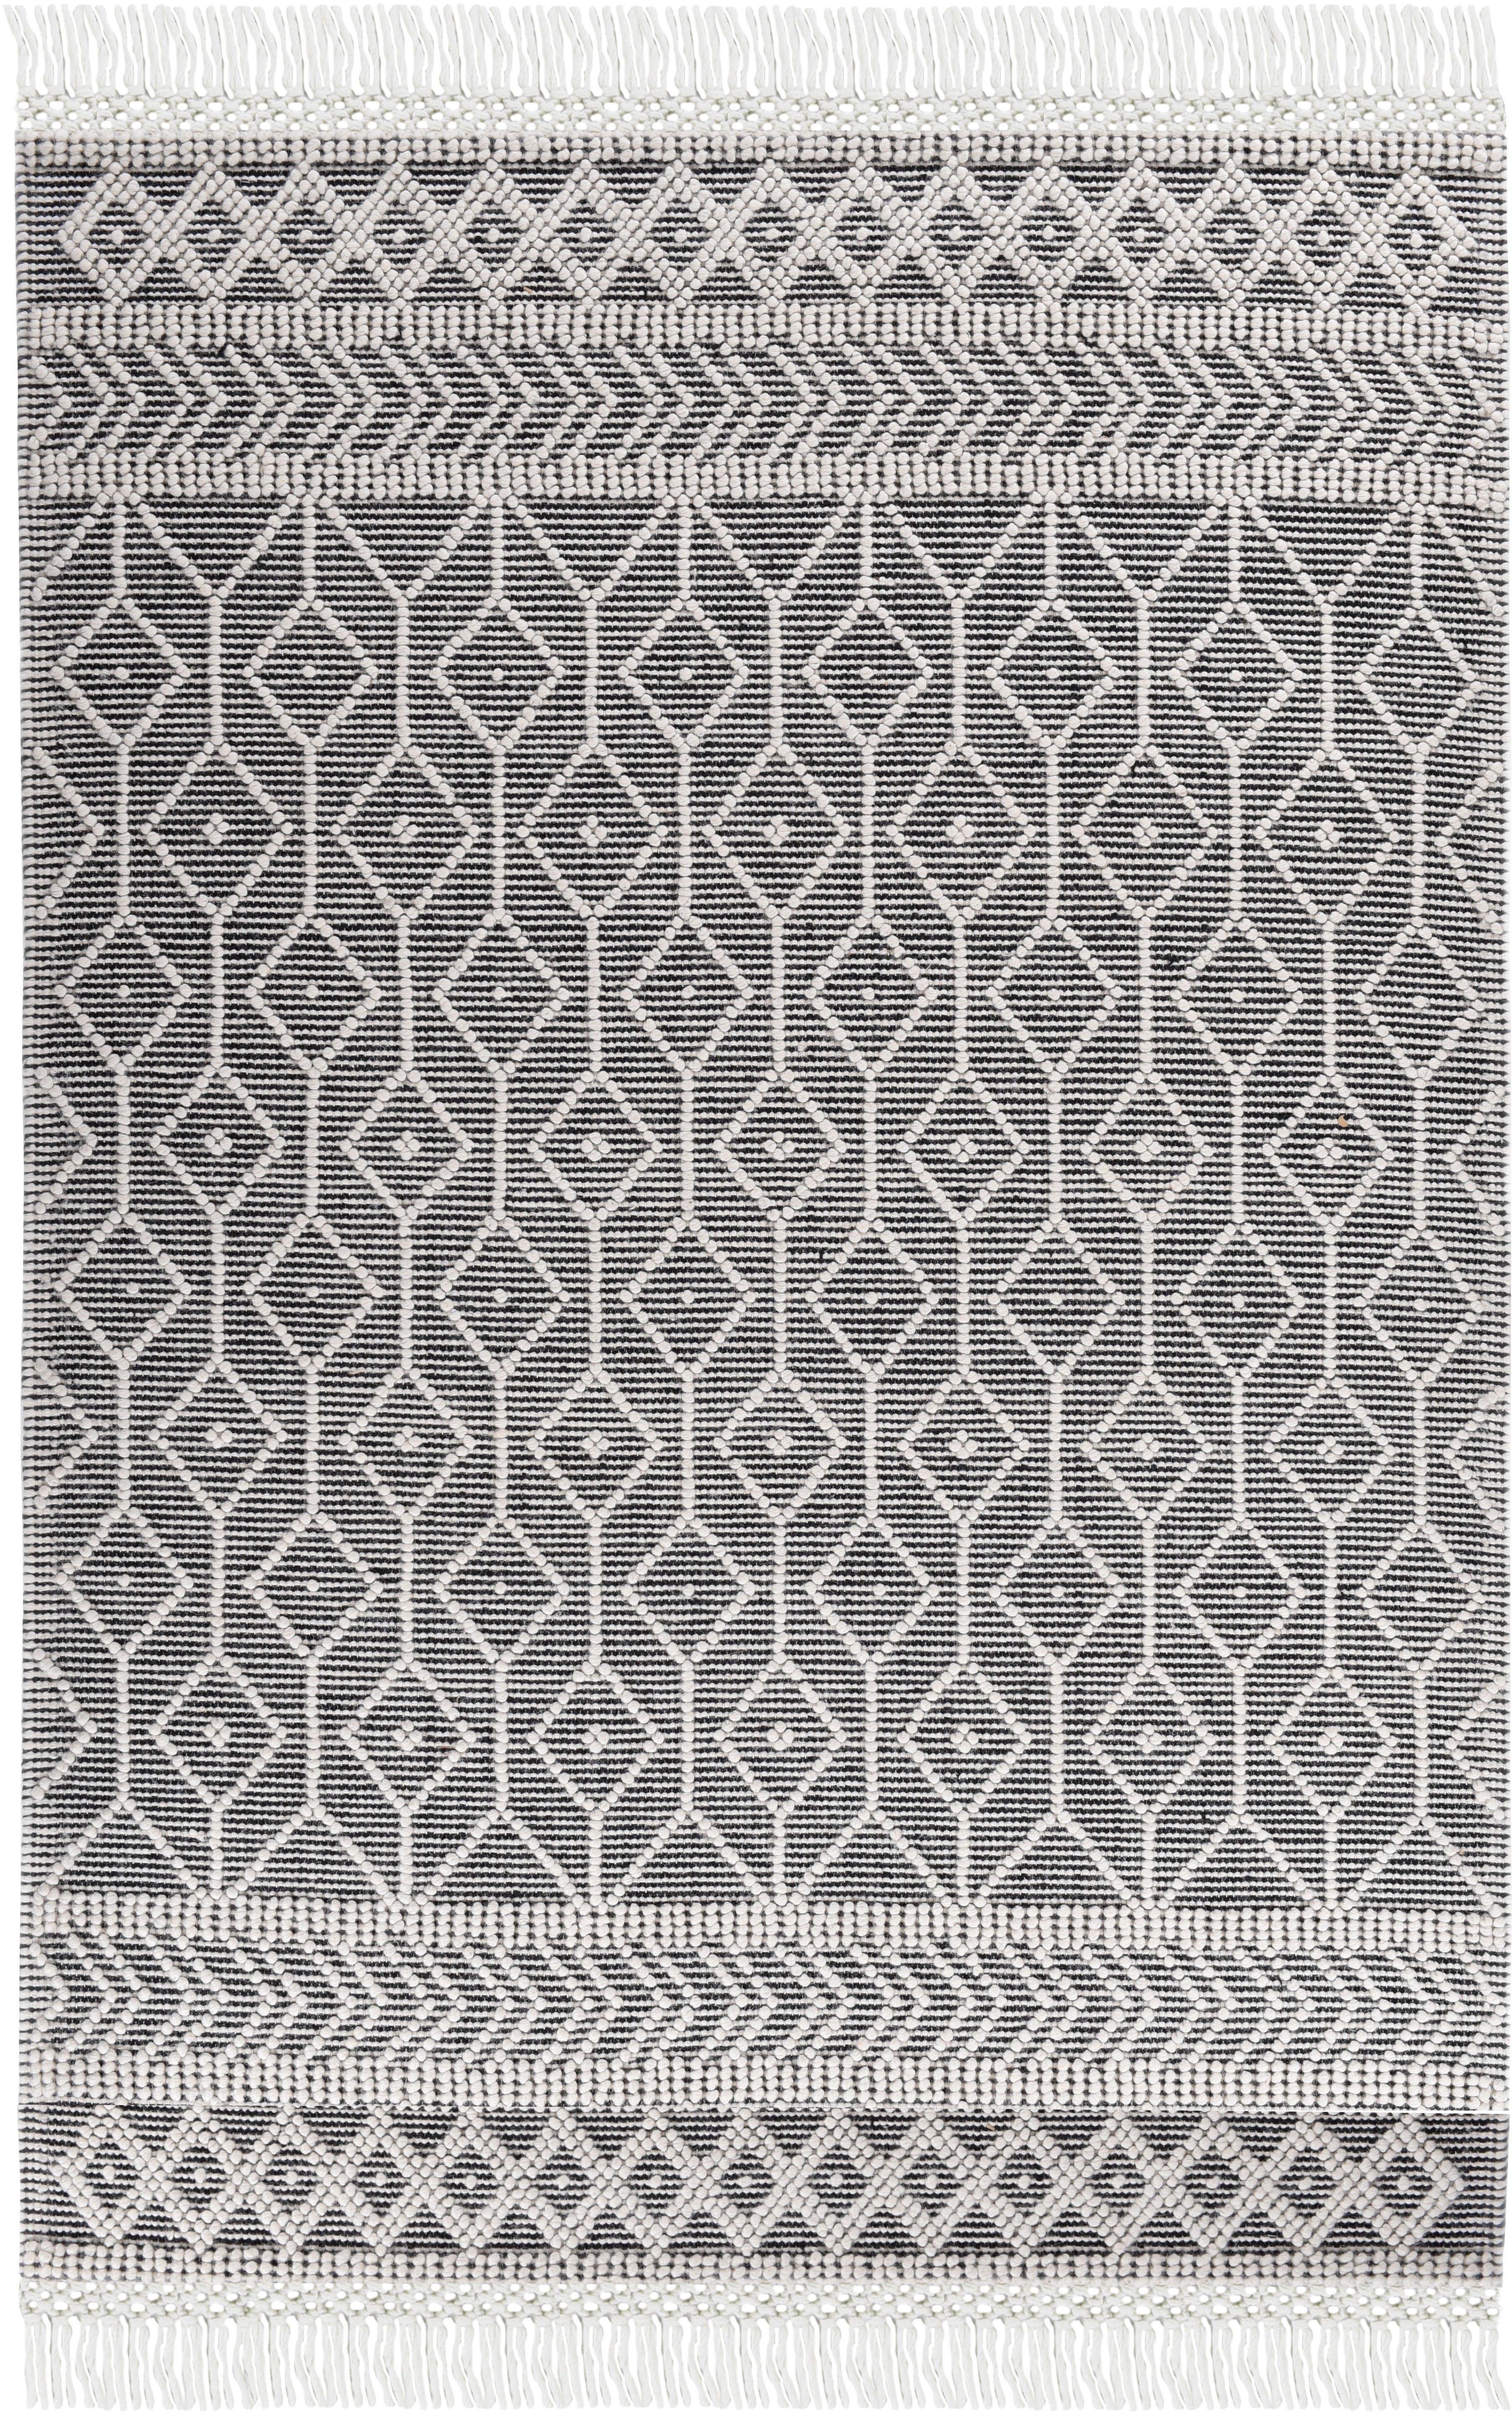 Tom Tailor vloerkleed Coloured Macrame zuivere wol, met de hand geweven, met franje, geschikt voor binnen en buiten, woonkamer voordelig en veilig online kopen